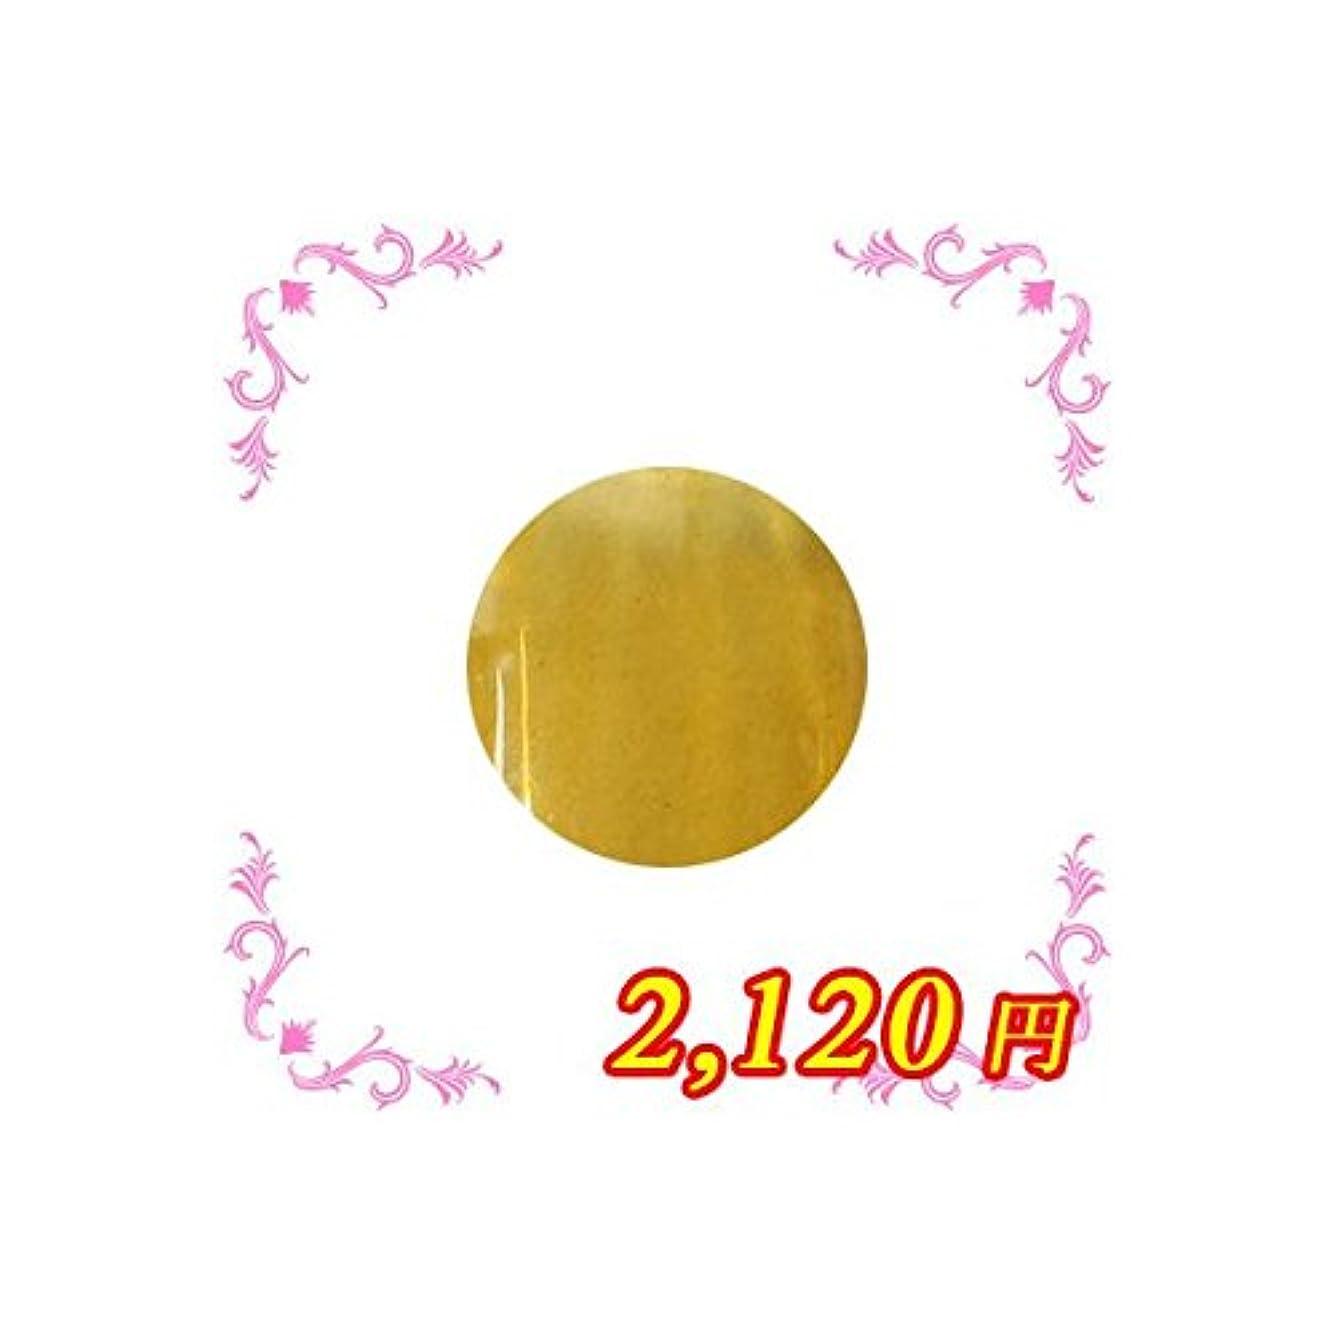 構成ウミウシつぶすVETRO ベトロ NO.19 カラージェル 4ml VL260ジュエルトパース゛